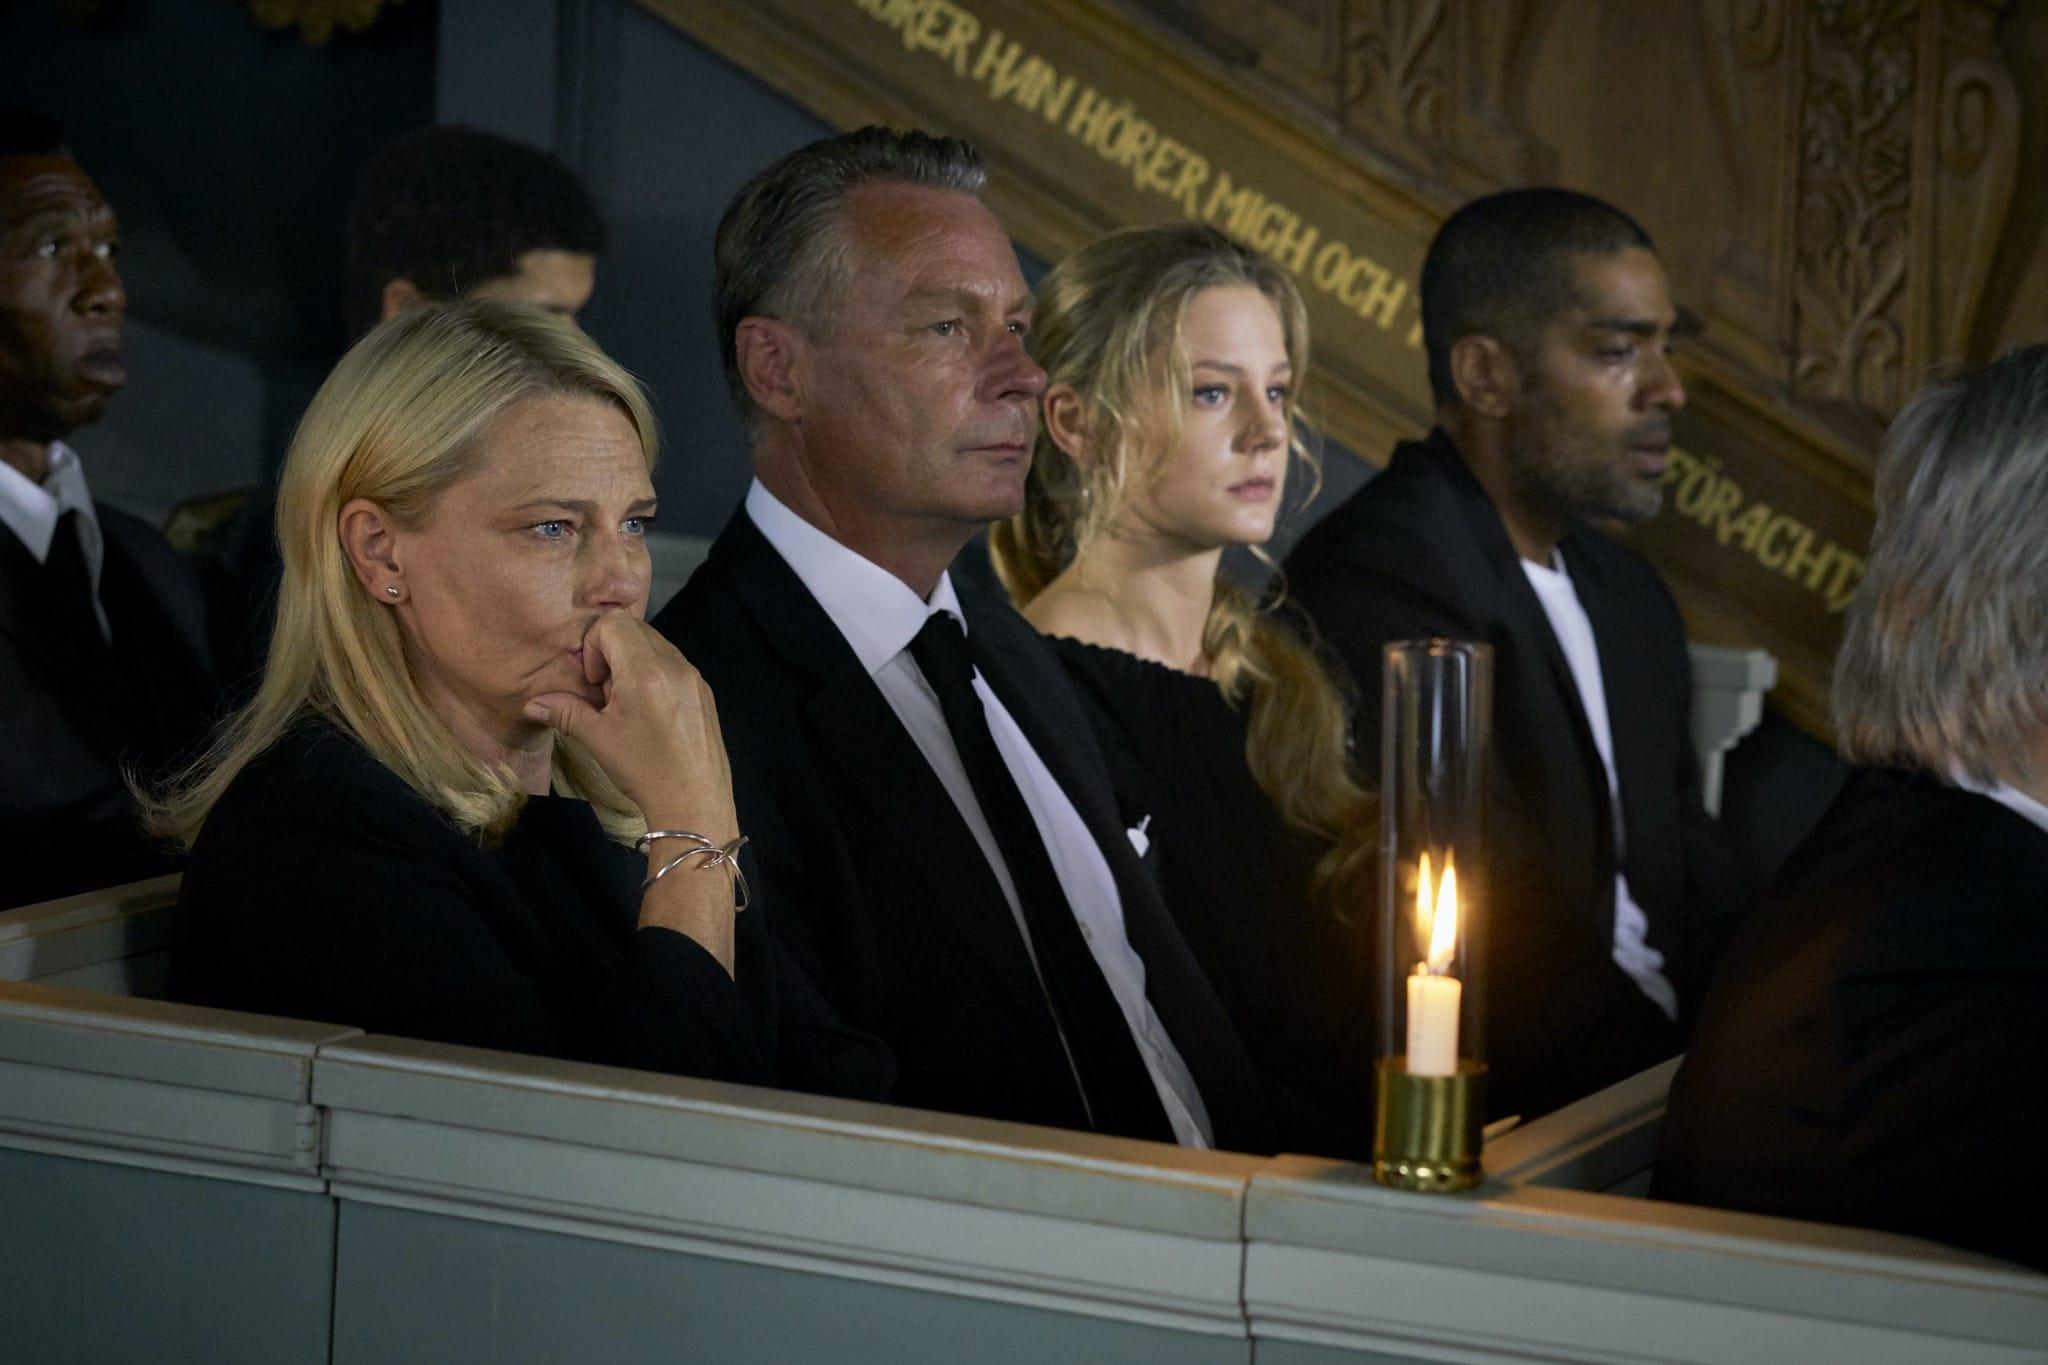 Une si belle famille saison 1 de Colin Nutley image série télé